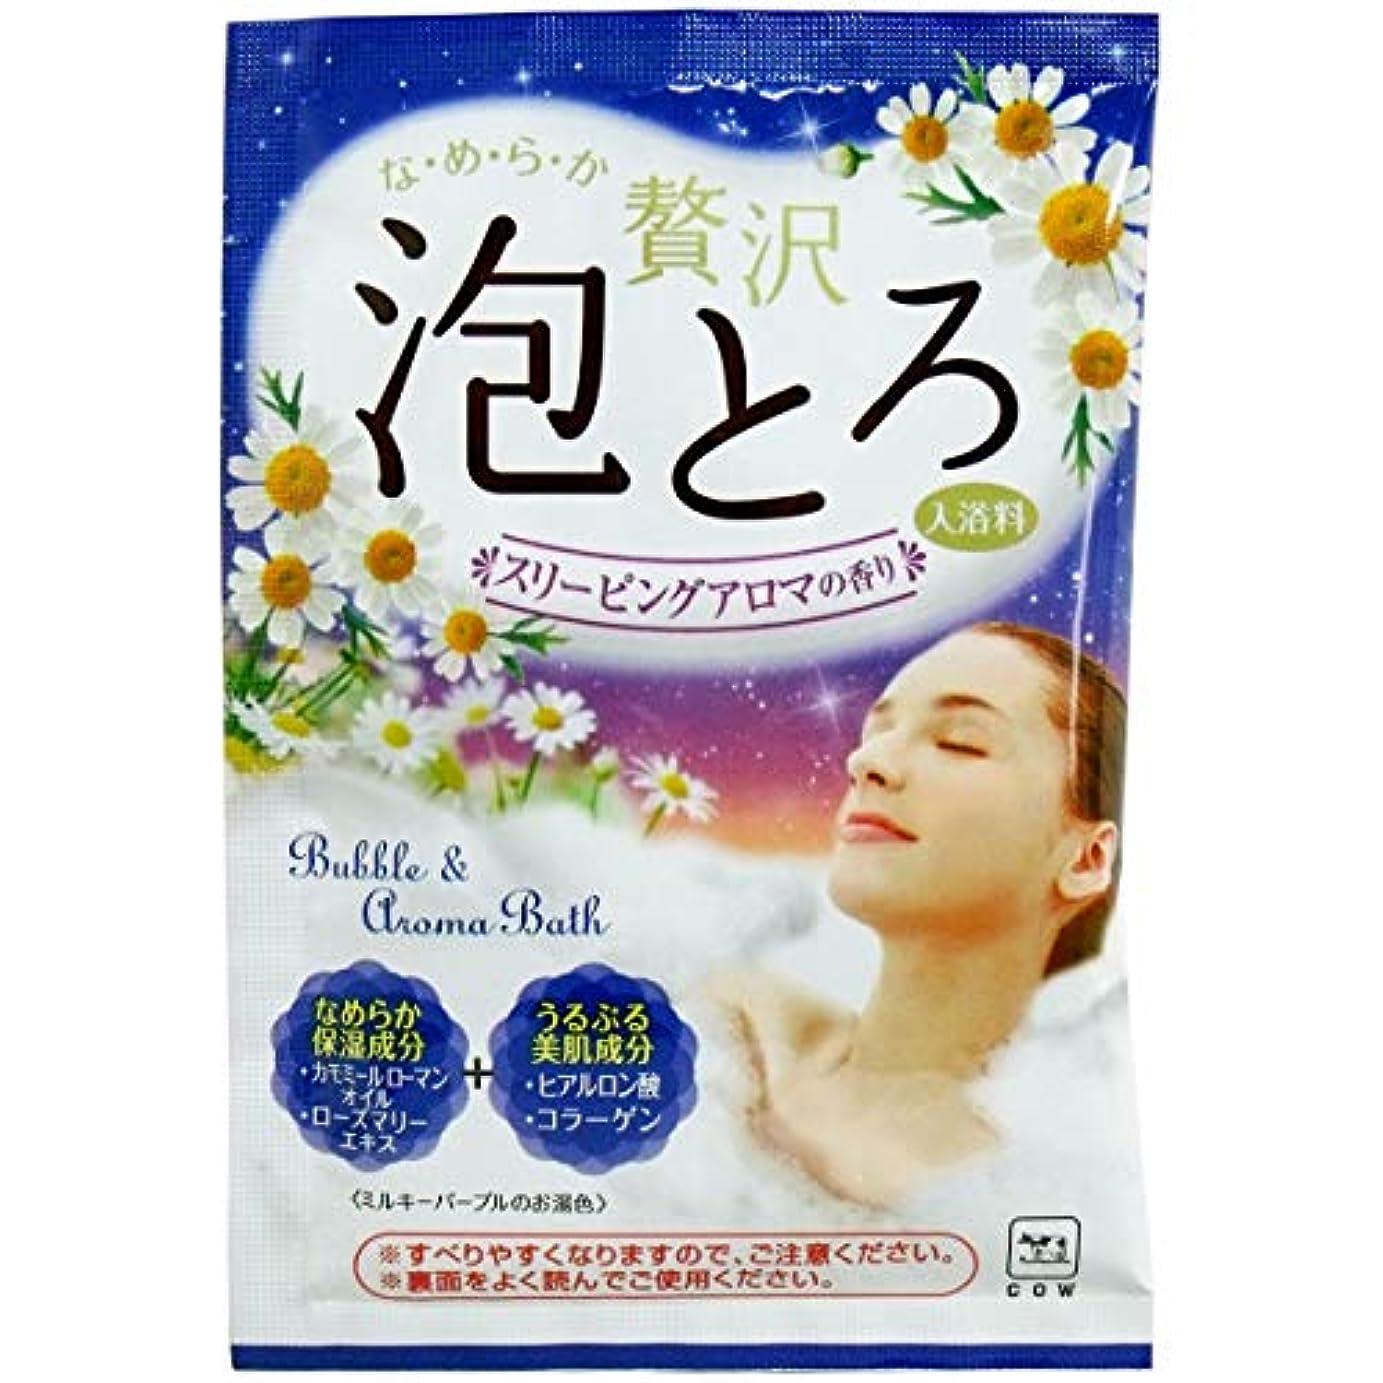 アベニューリベラル音節牛乳石鹸共進社 お湯物語 贅沢泡とろ 入浴料 スリーピングアロマの香り 30g × 120点